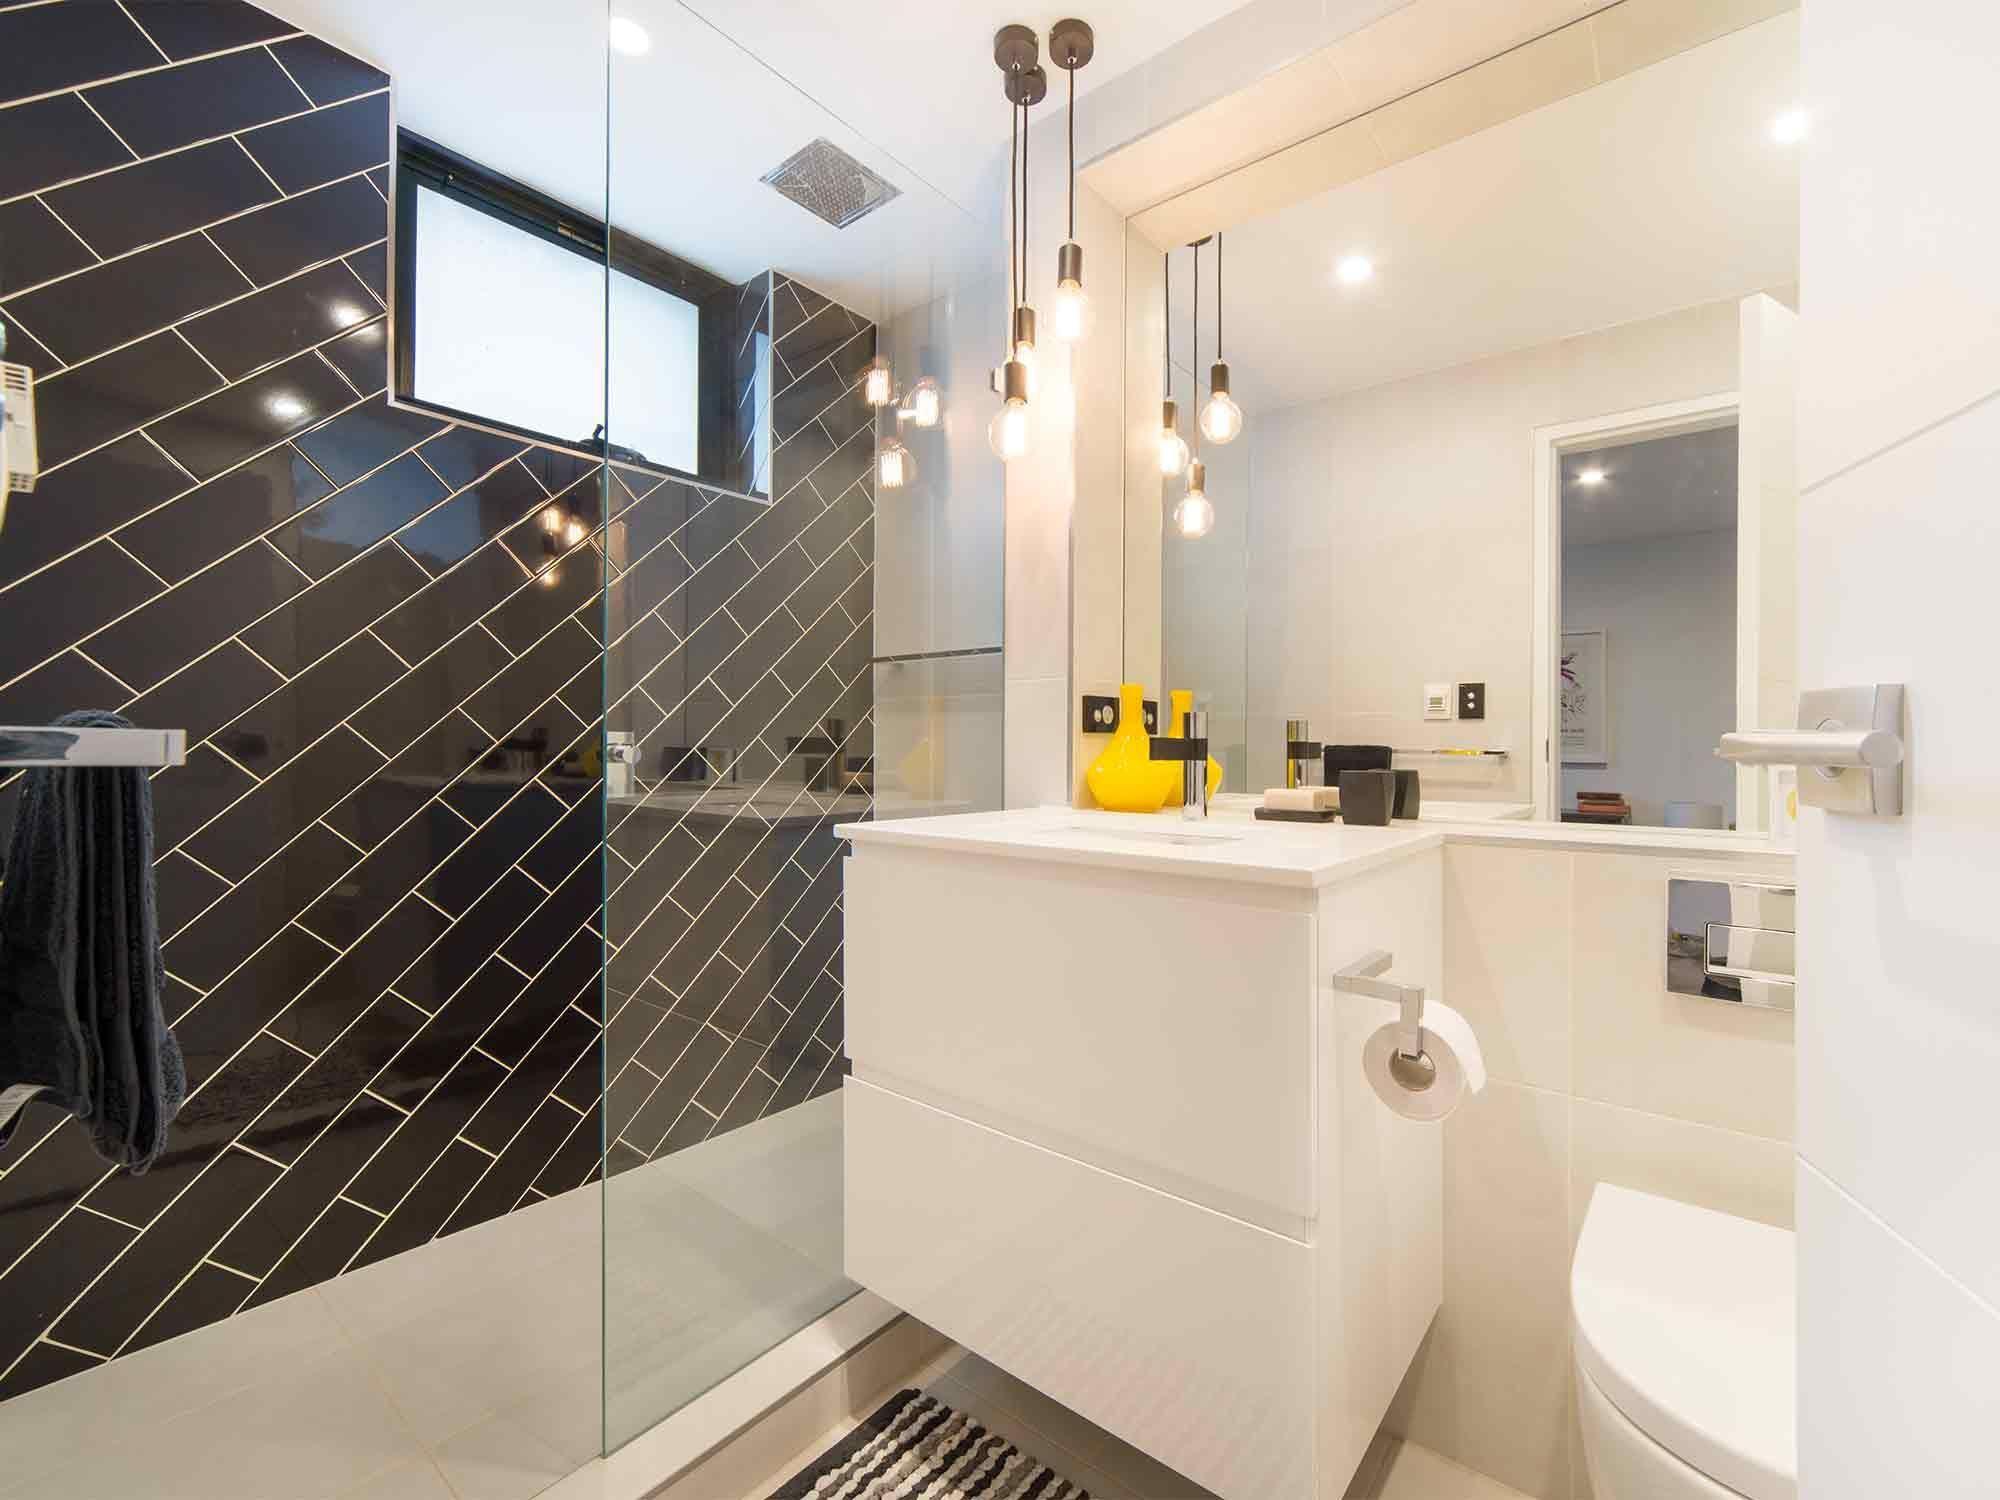 Compact Bathroom Designs Ensuitedesigns Small Ensuite Tiny House Bathroom Small Shower Room Ensuite bathroom design ideas